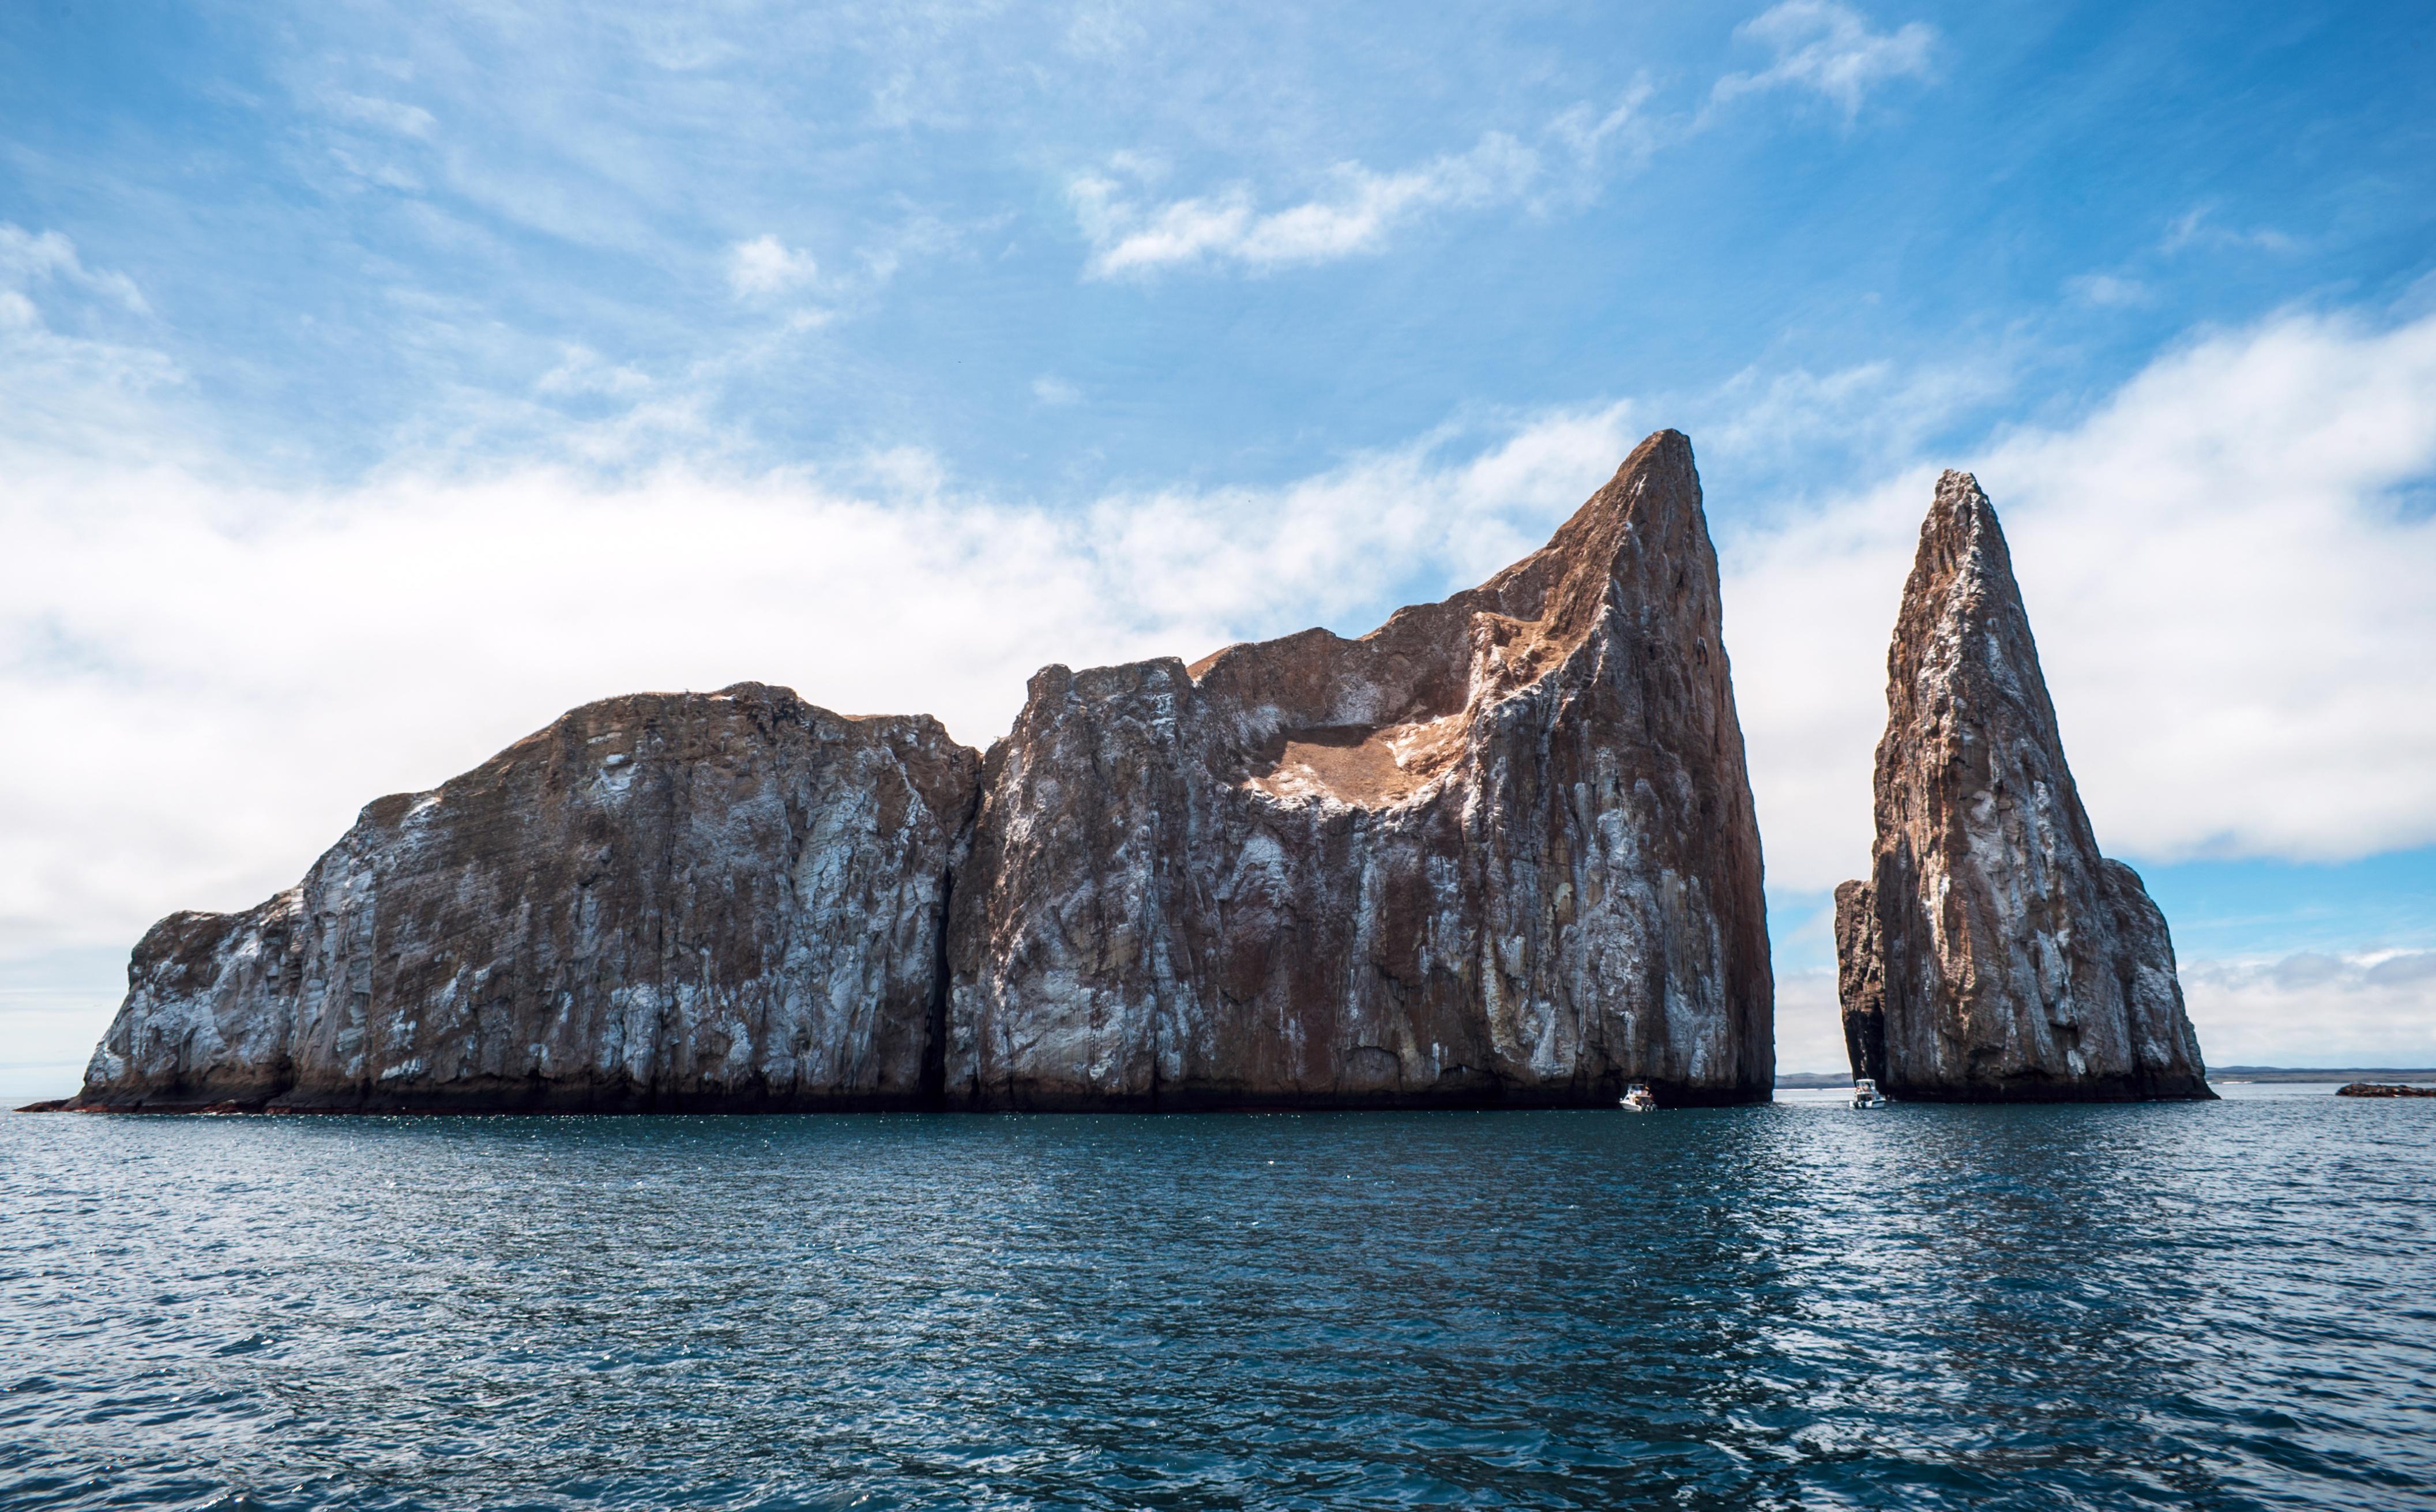 Galapagos_KickerRock